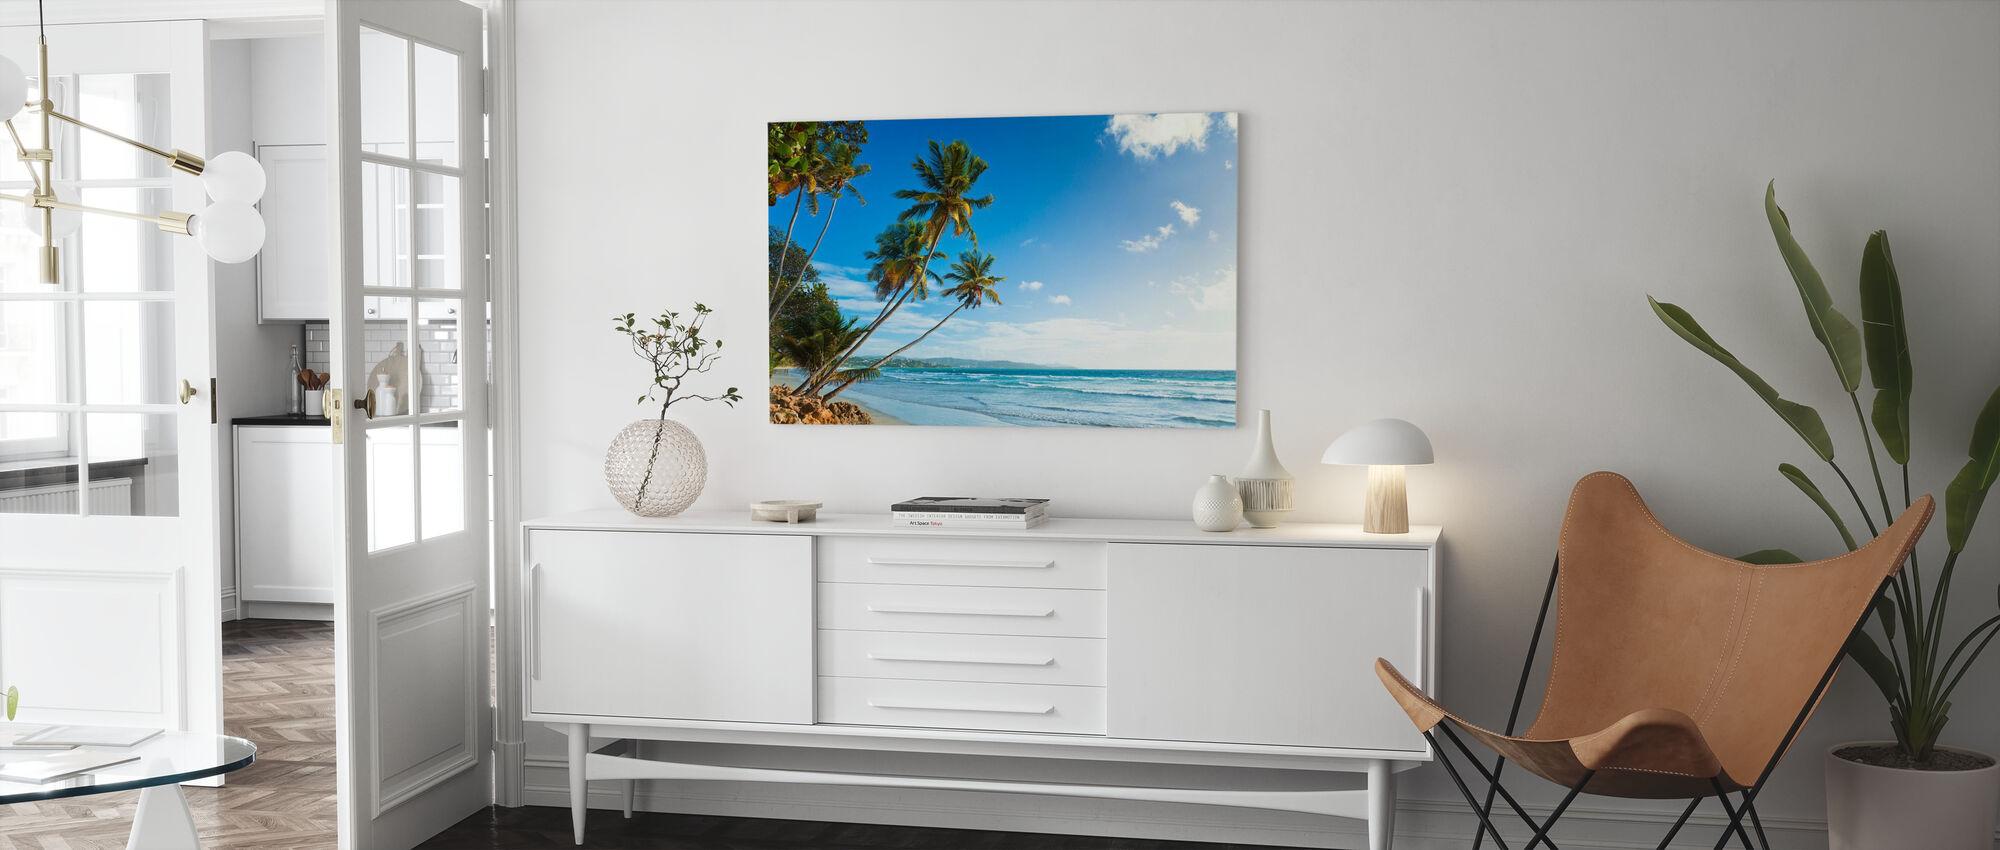 Palmer og strand, Trinidad og Tobago - Lerretsbilde - Stue